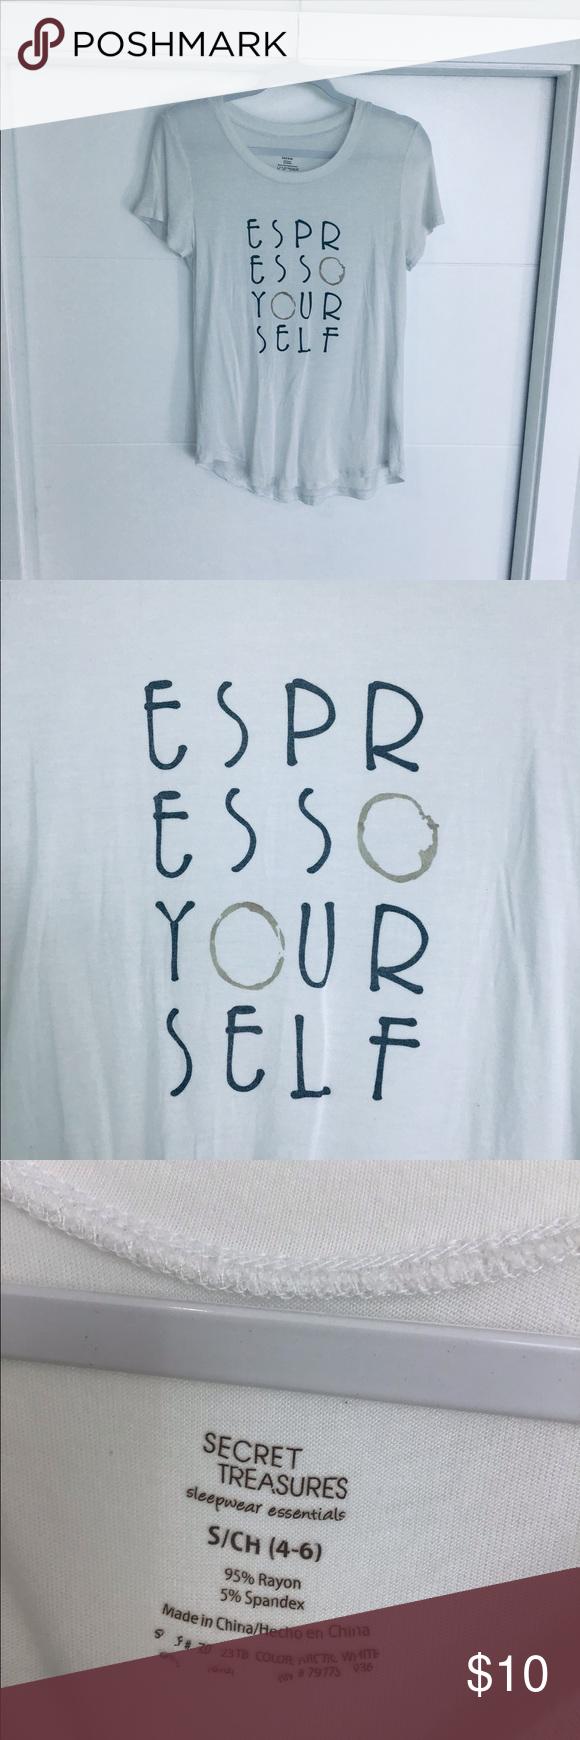 989c2b9c Tshirt Espresso Yourself Longer Tshirt, covers bum Secret Treasures ...